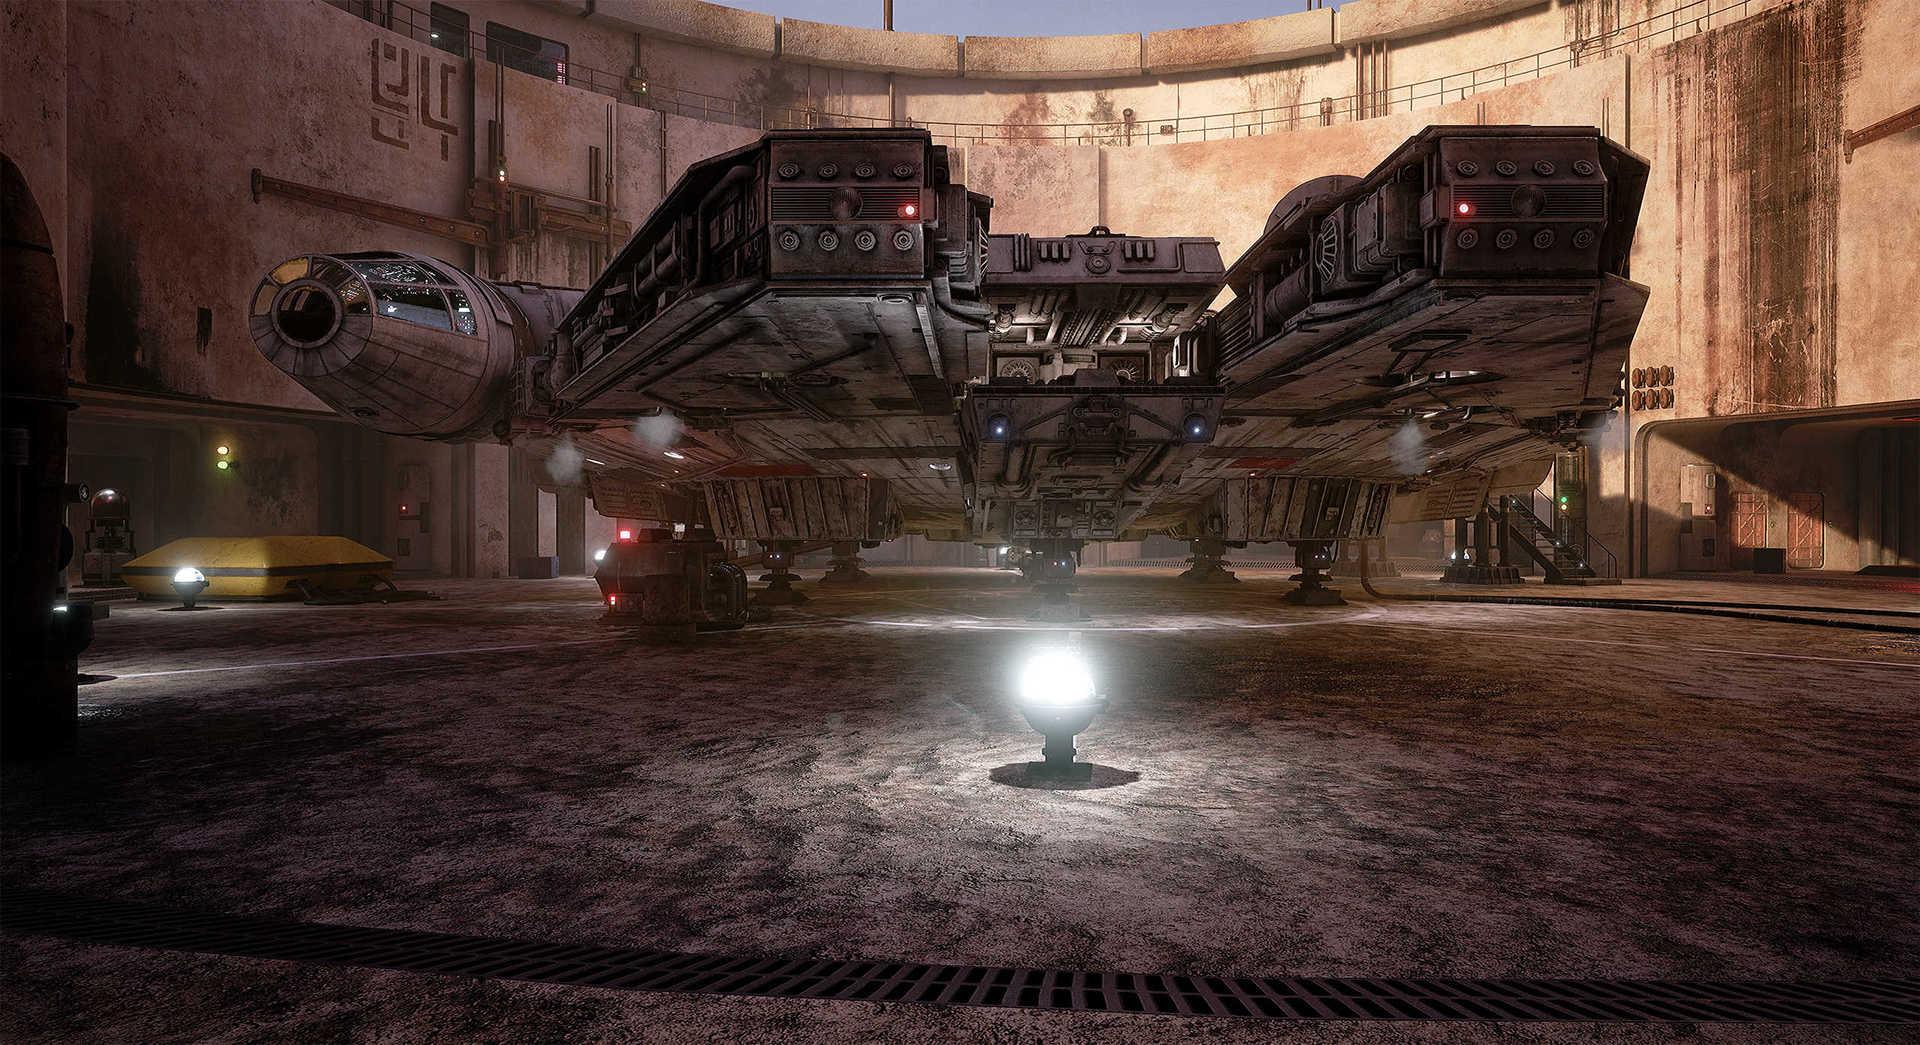 Создание сцены из Star Wars в Unreal Engine 4 - 9